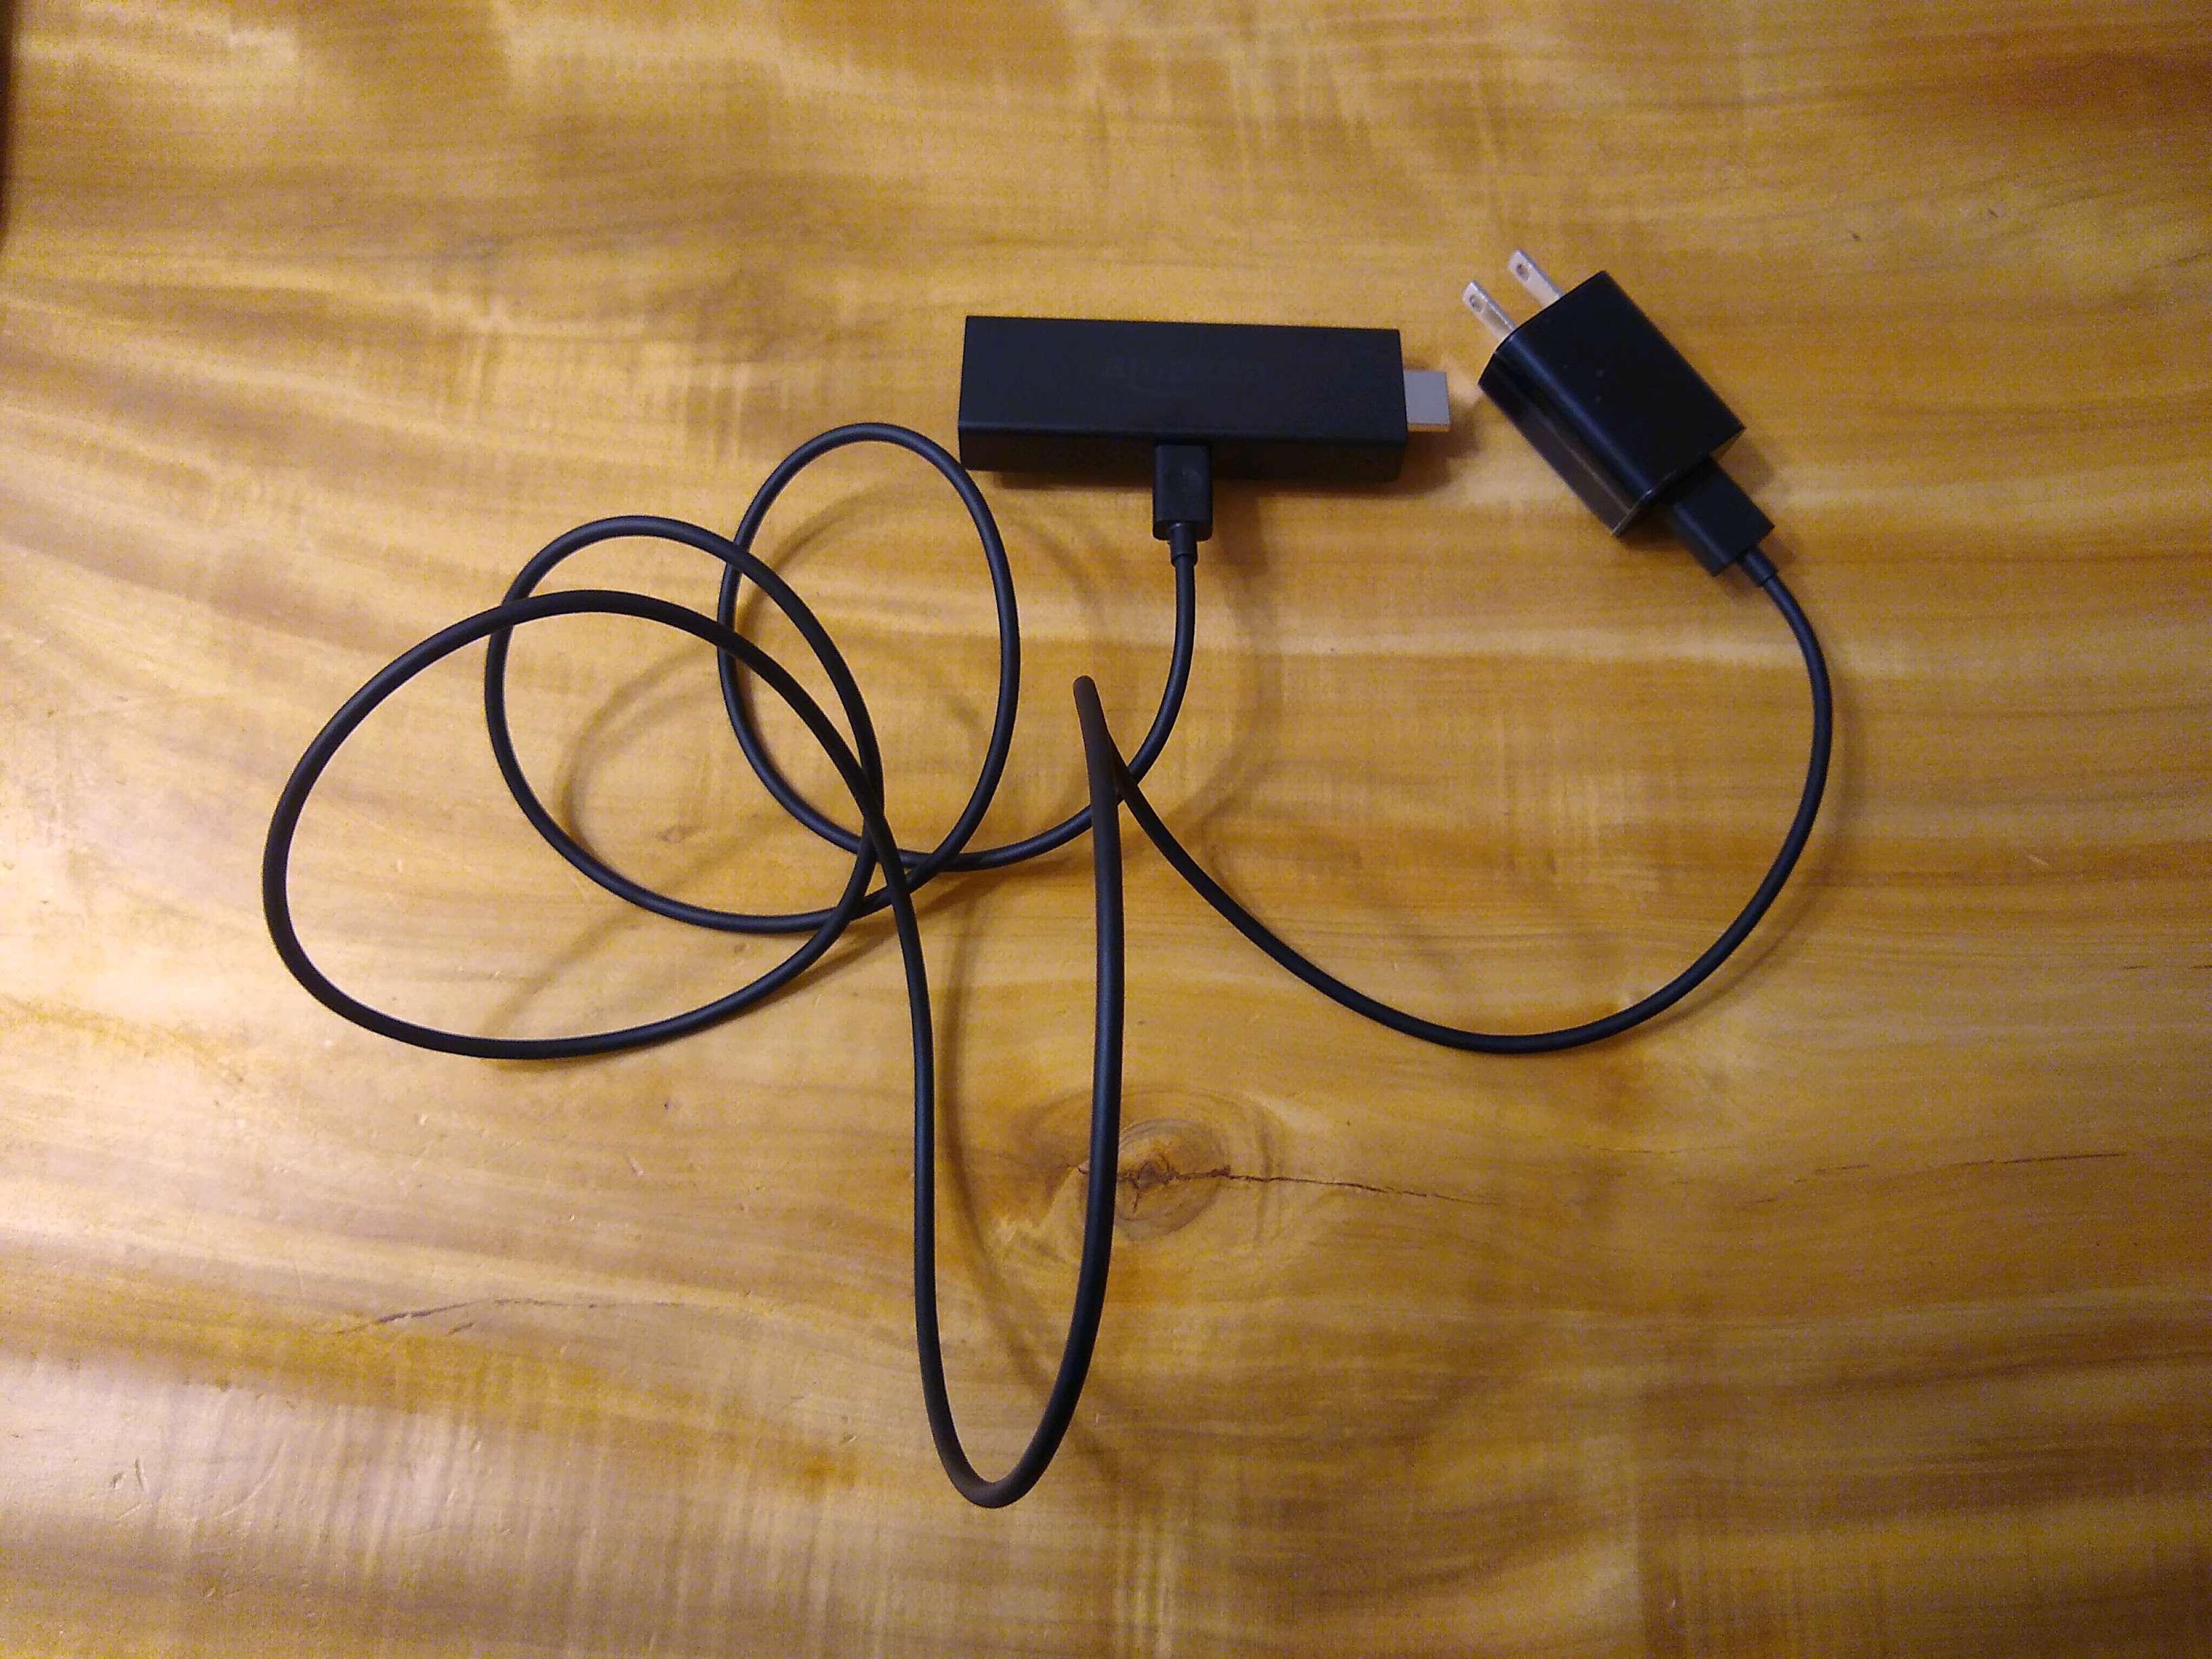 03.Fire TV Stick_コードをくっつけた状態